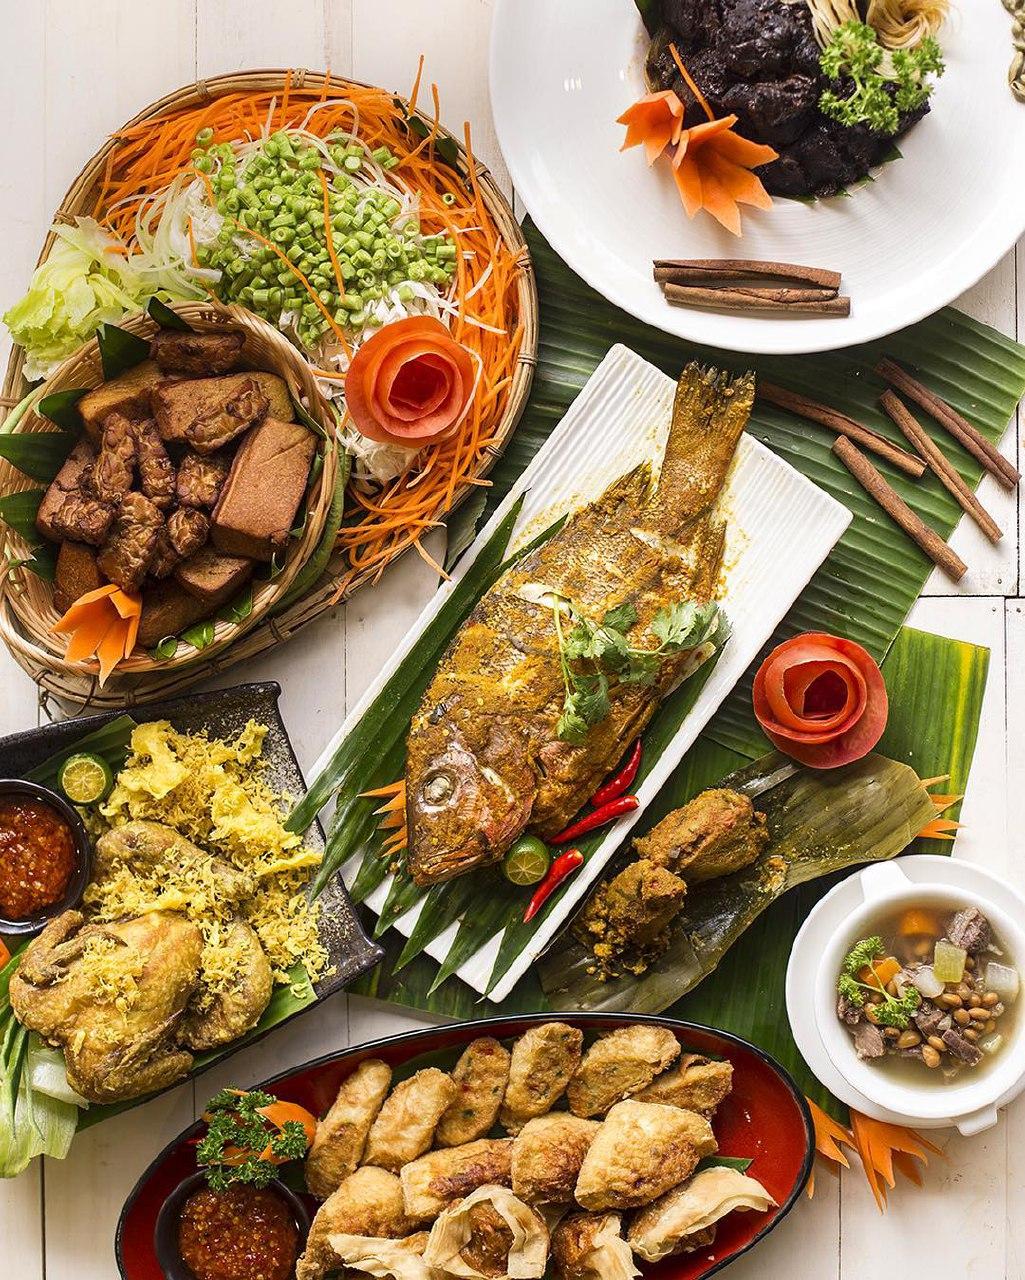 weekday hotel lunch buffets - Kintamani